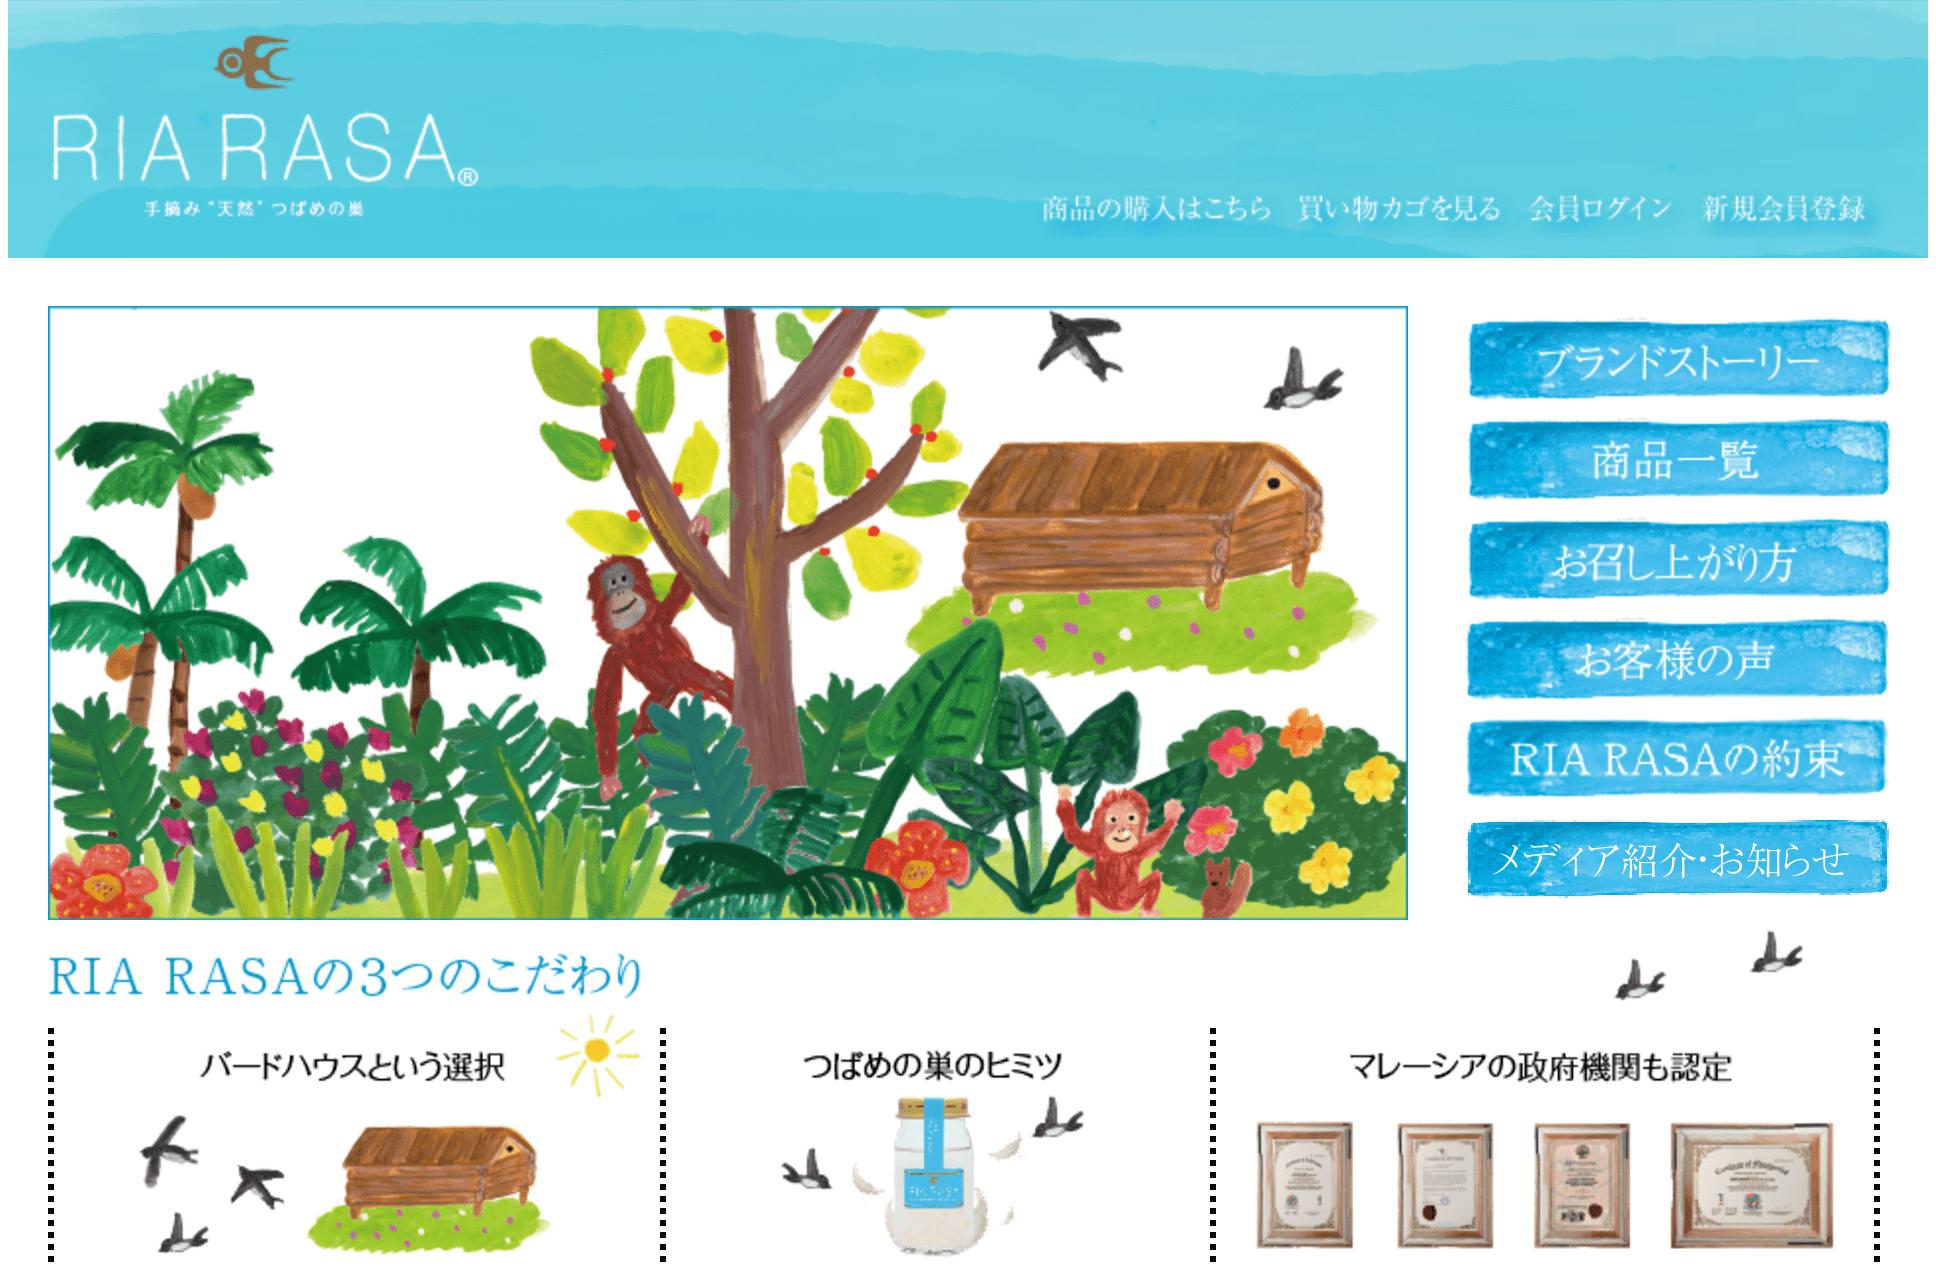 RIA RASA 公式サイト